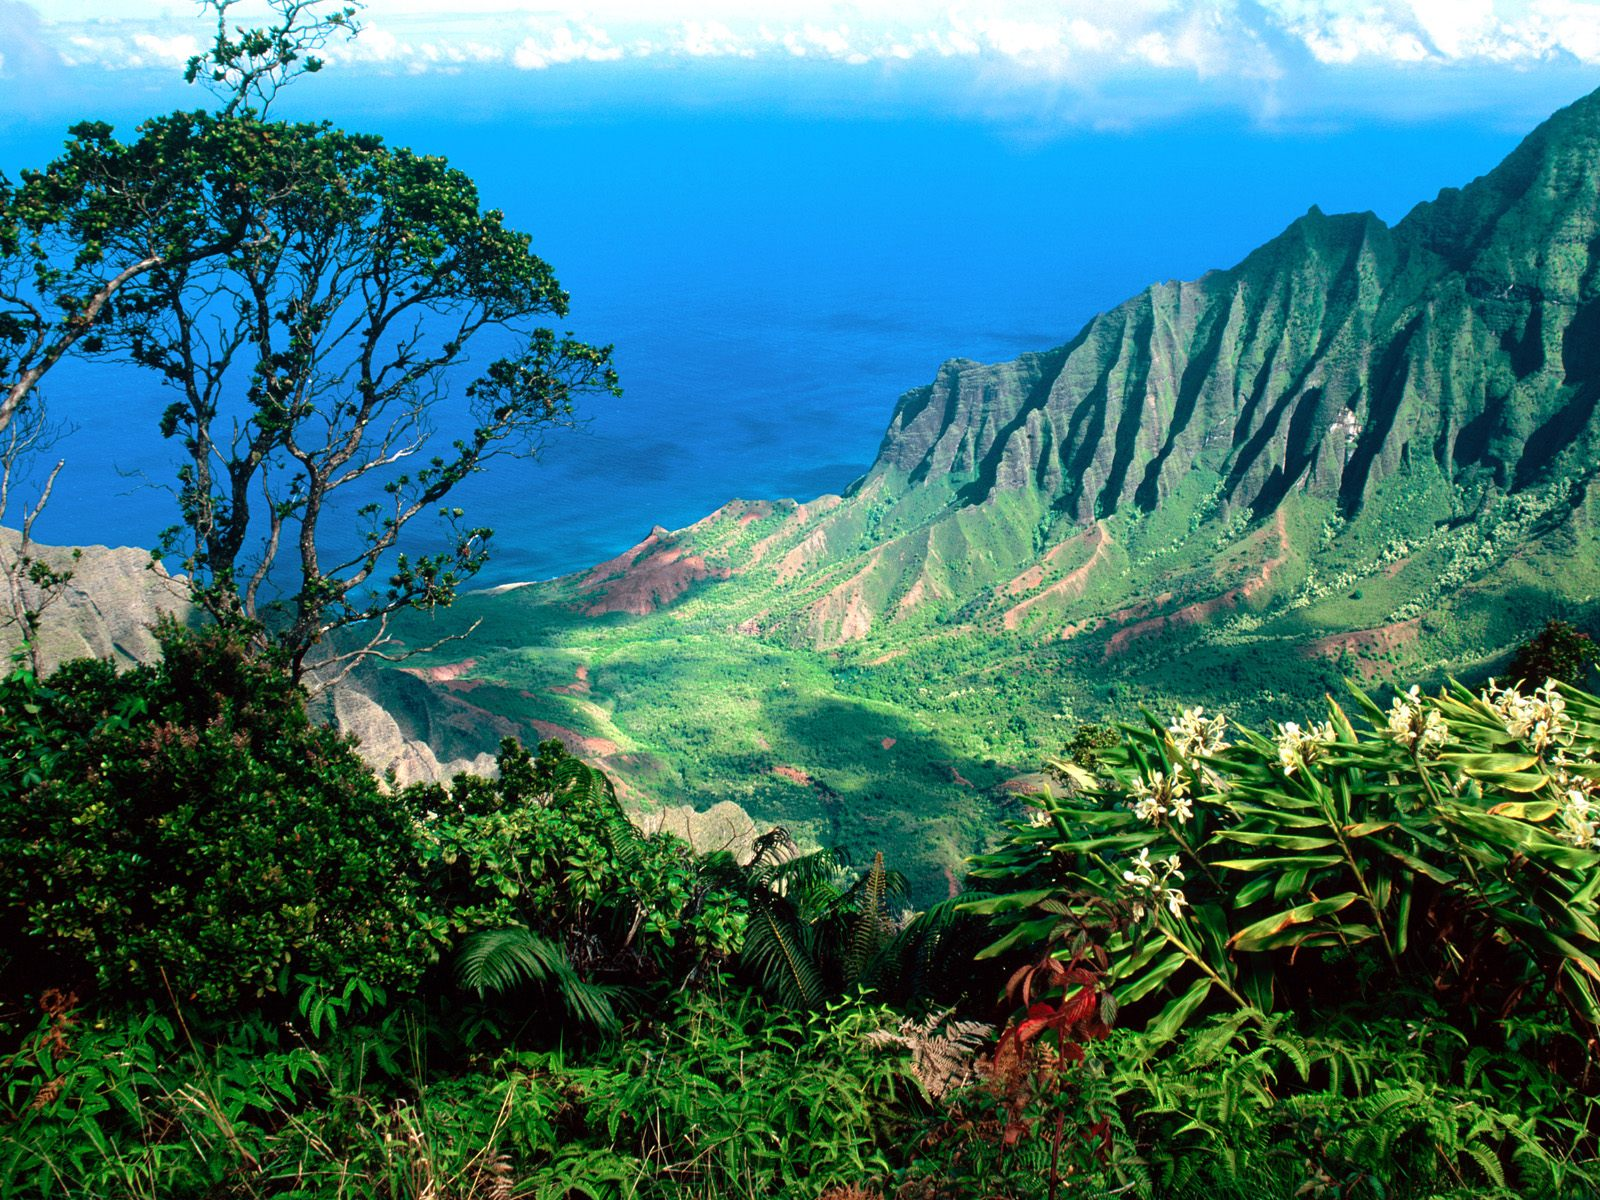 http://1.bp.blogspot.com/_7UHICy8Etfo/S-A43-Y_IwI/AAAAAAAAJzY/ErpqVs1DTA4/s1600/hawaii.jpg